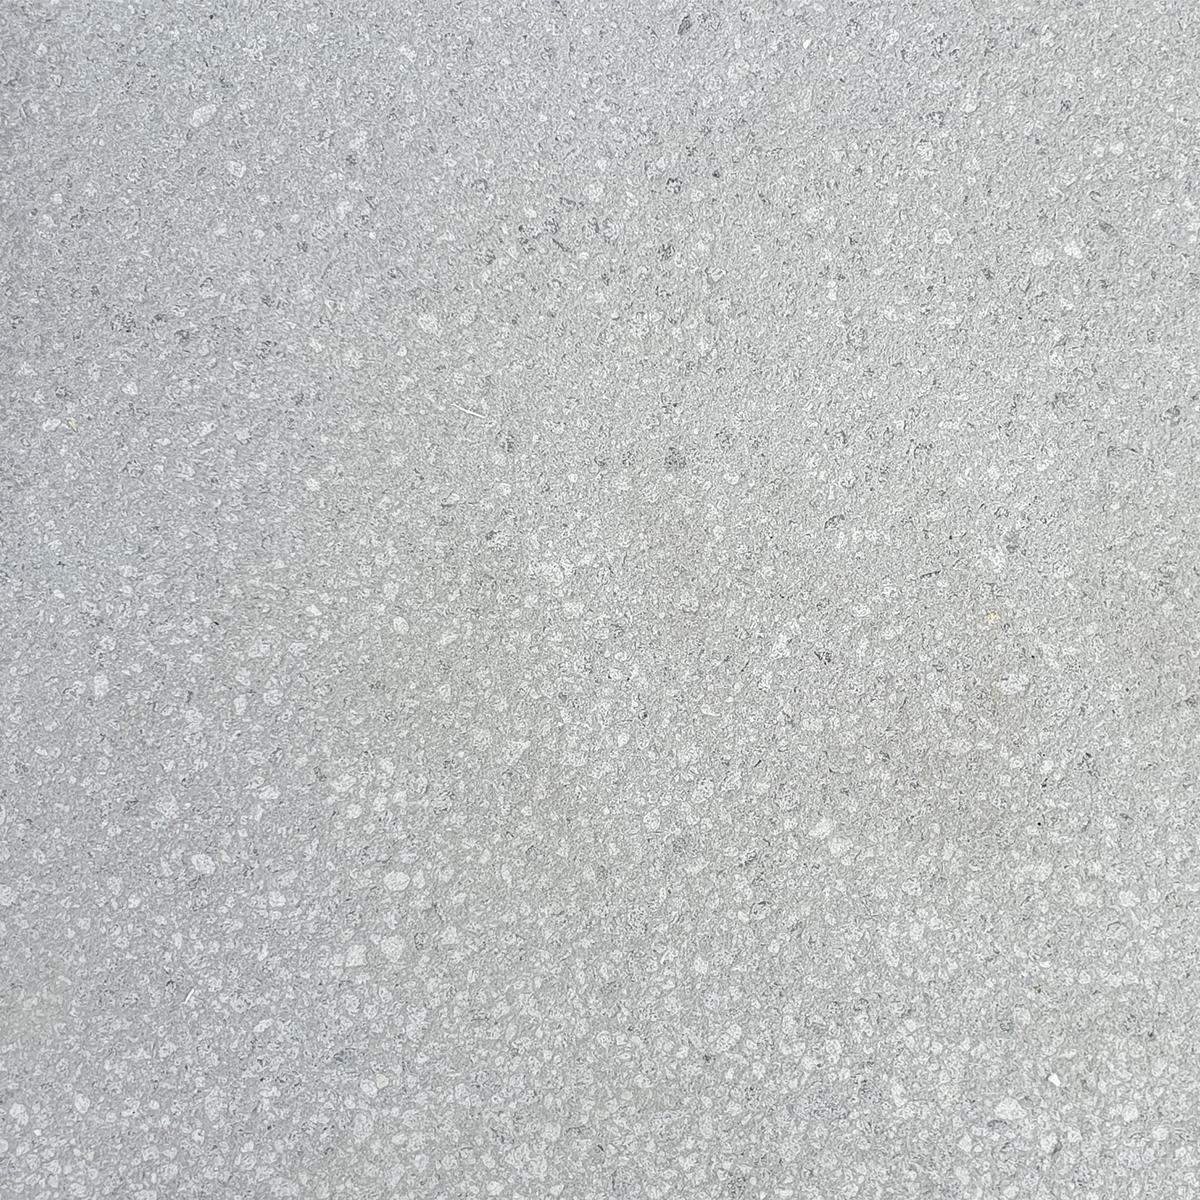 Color gris borde prefabricado de hormigón